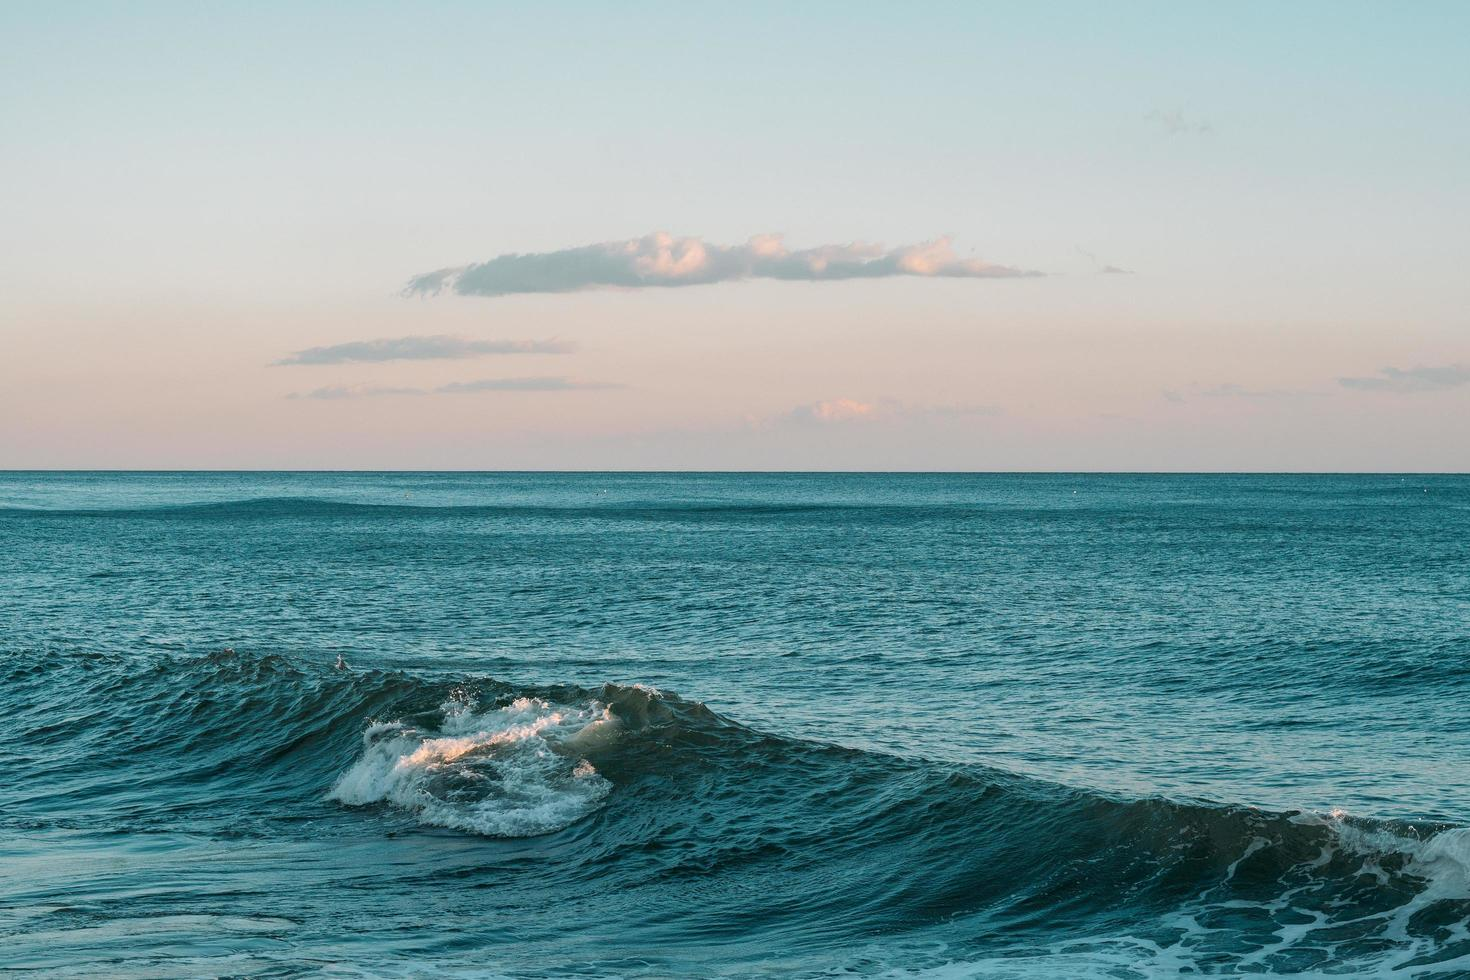 vague de l'océan bleu photo